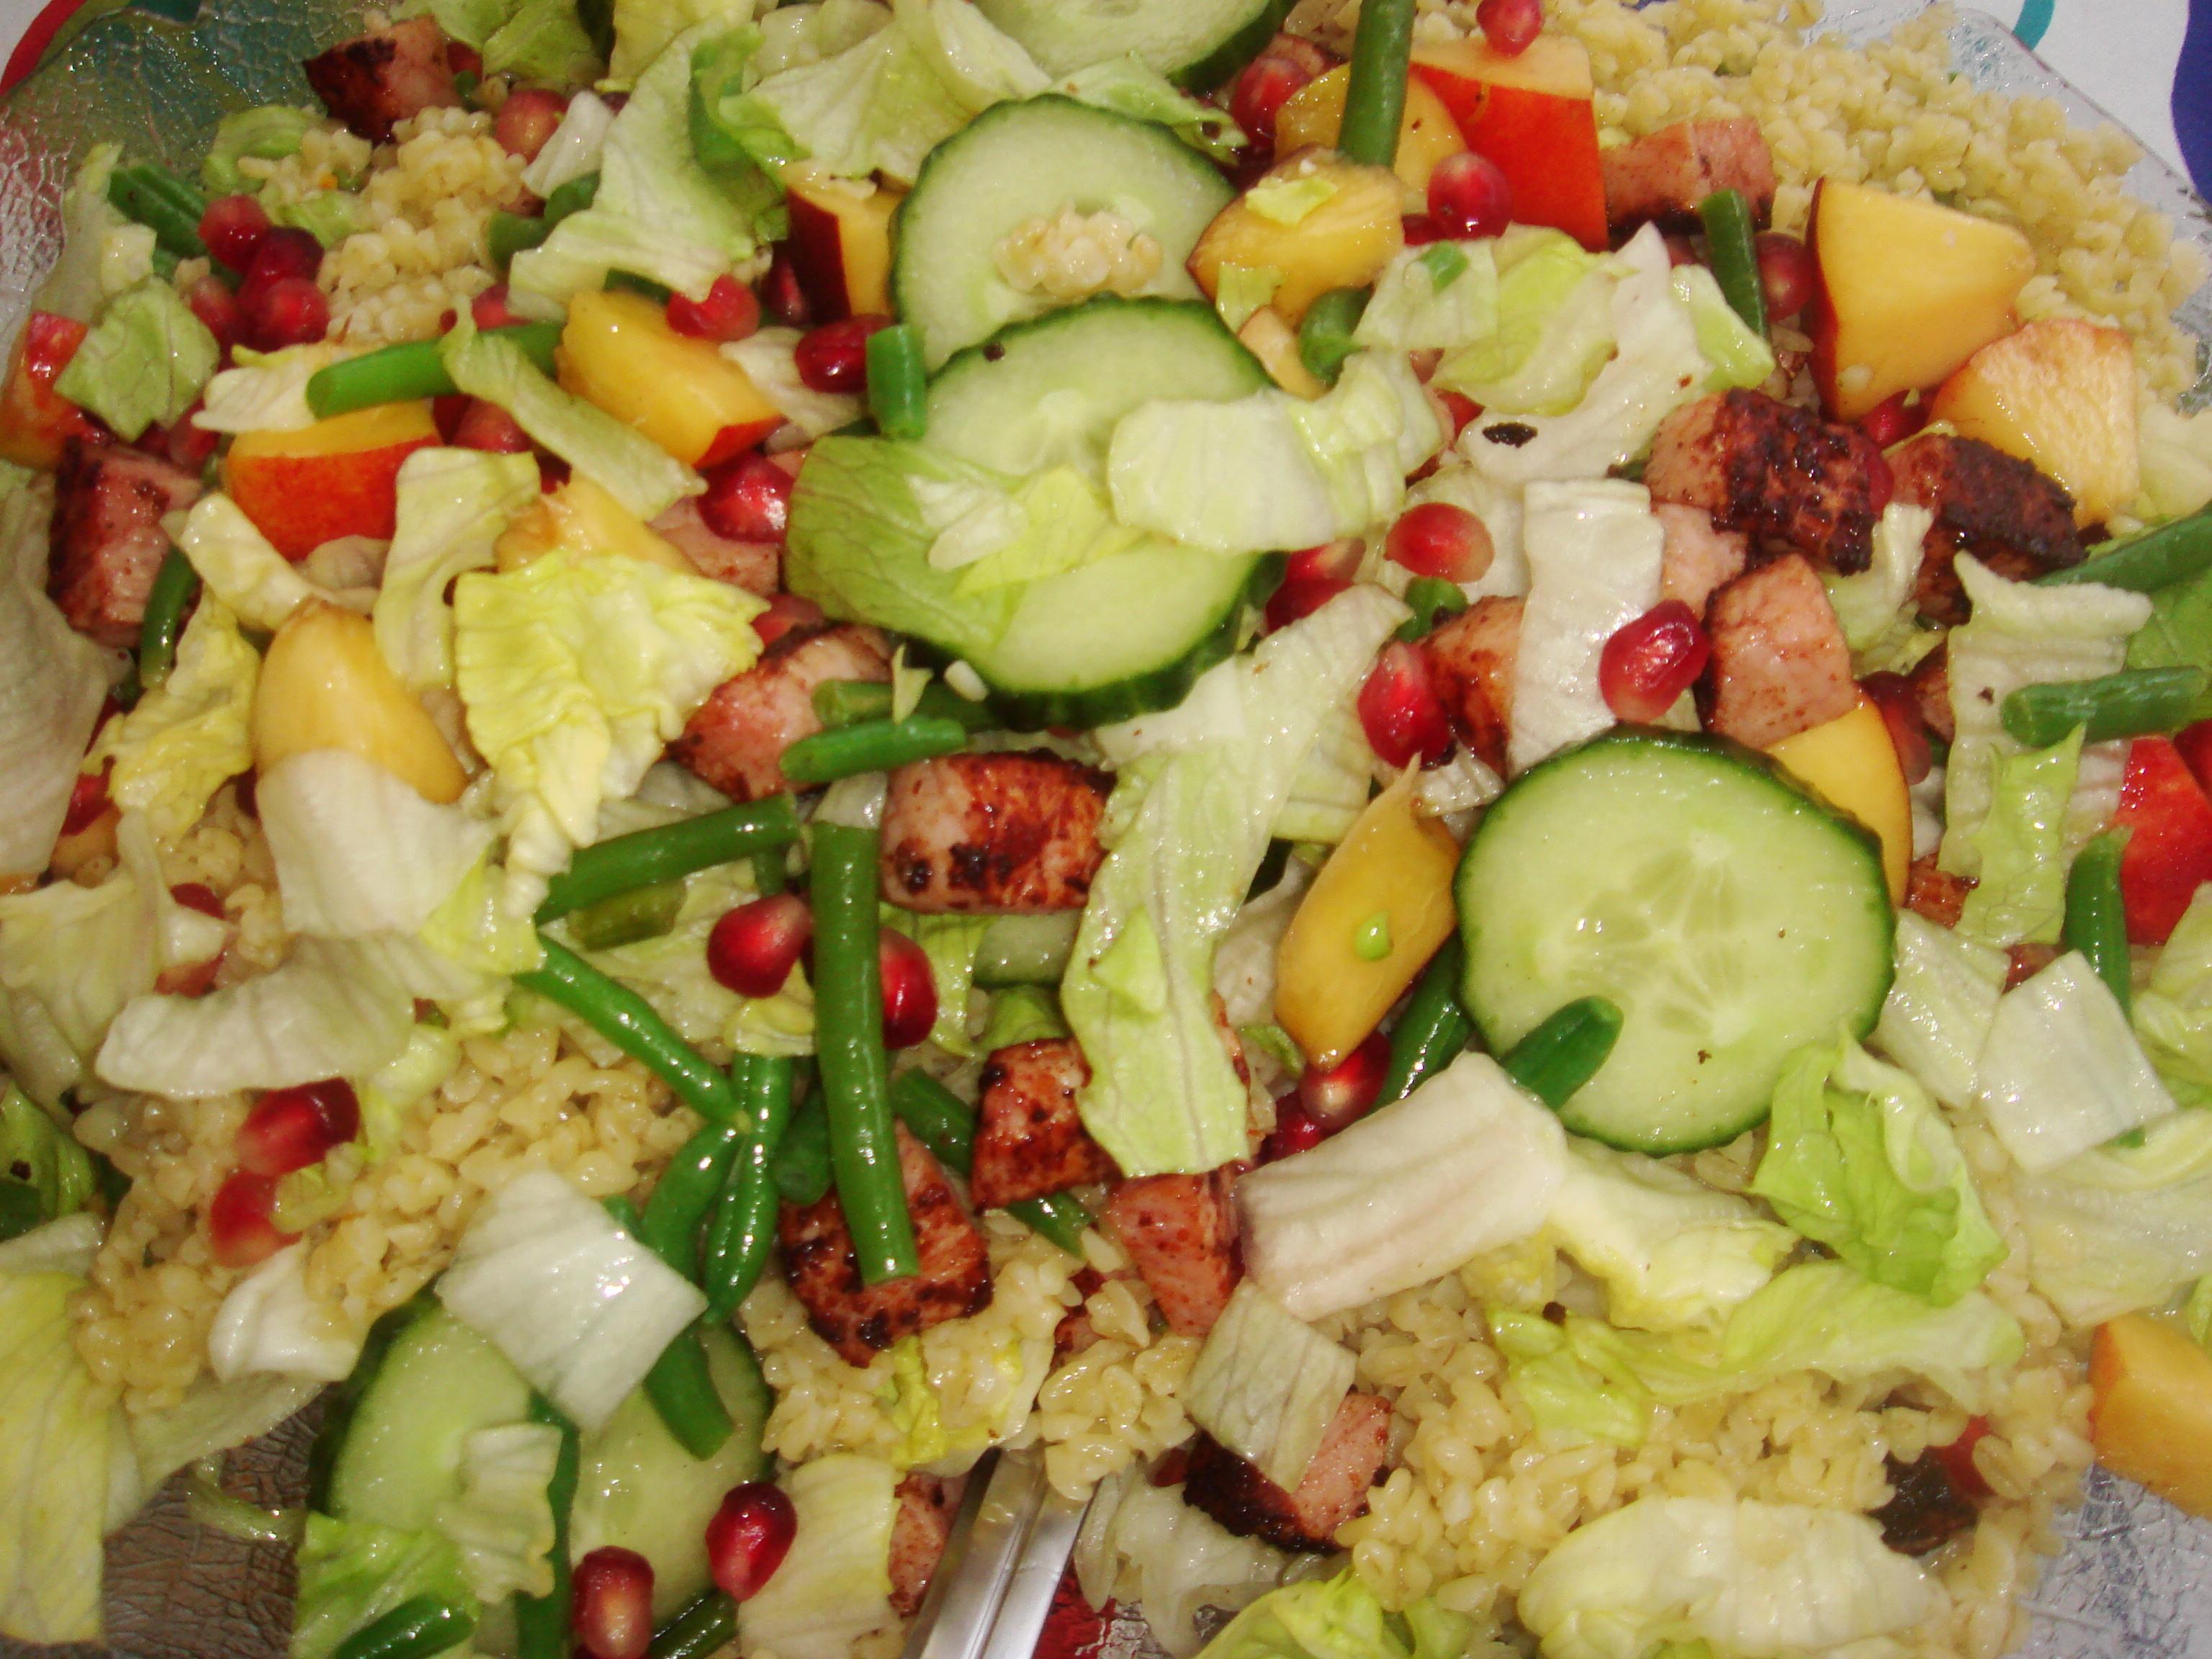 sallad med frukt och grönsaker